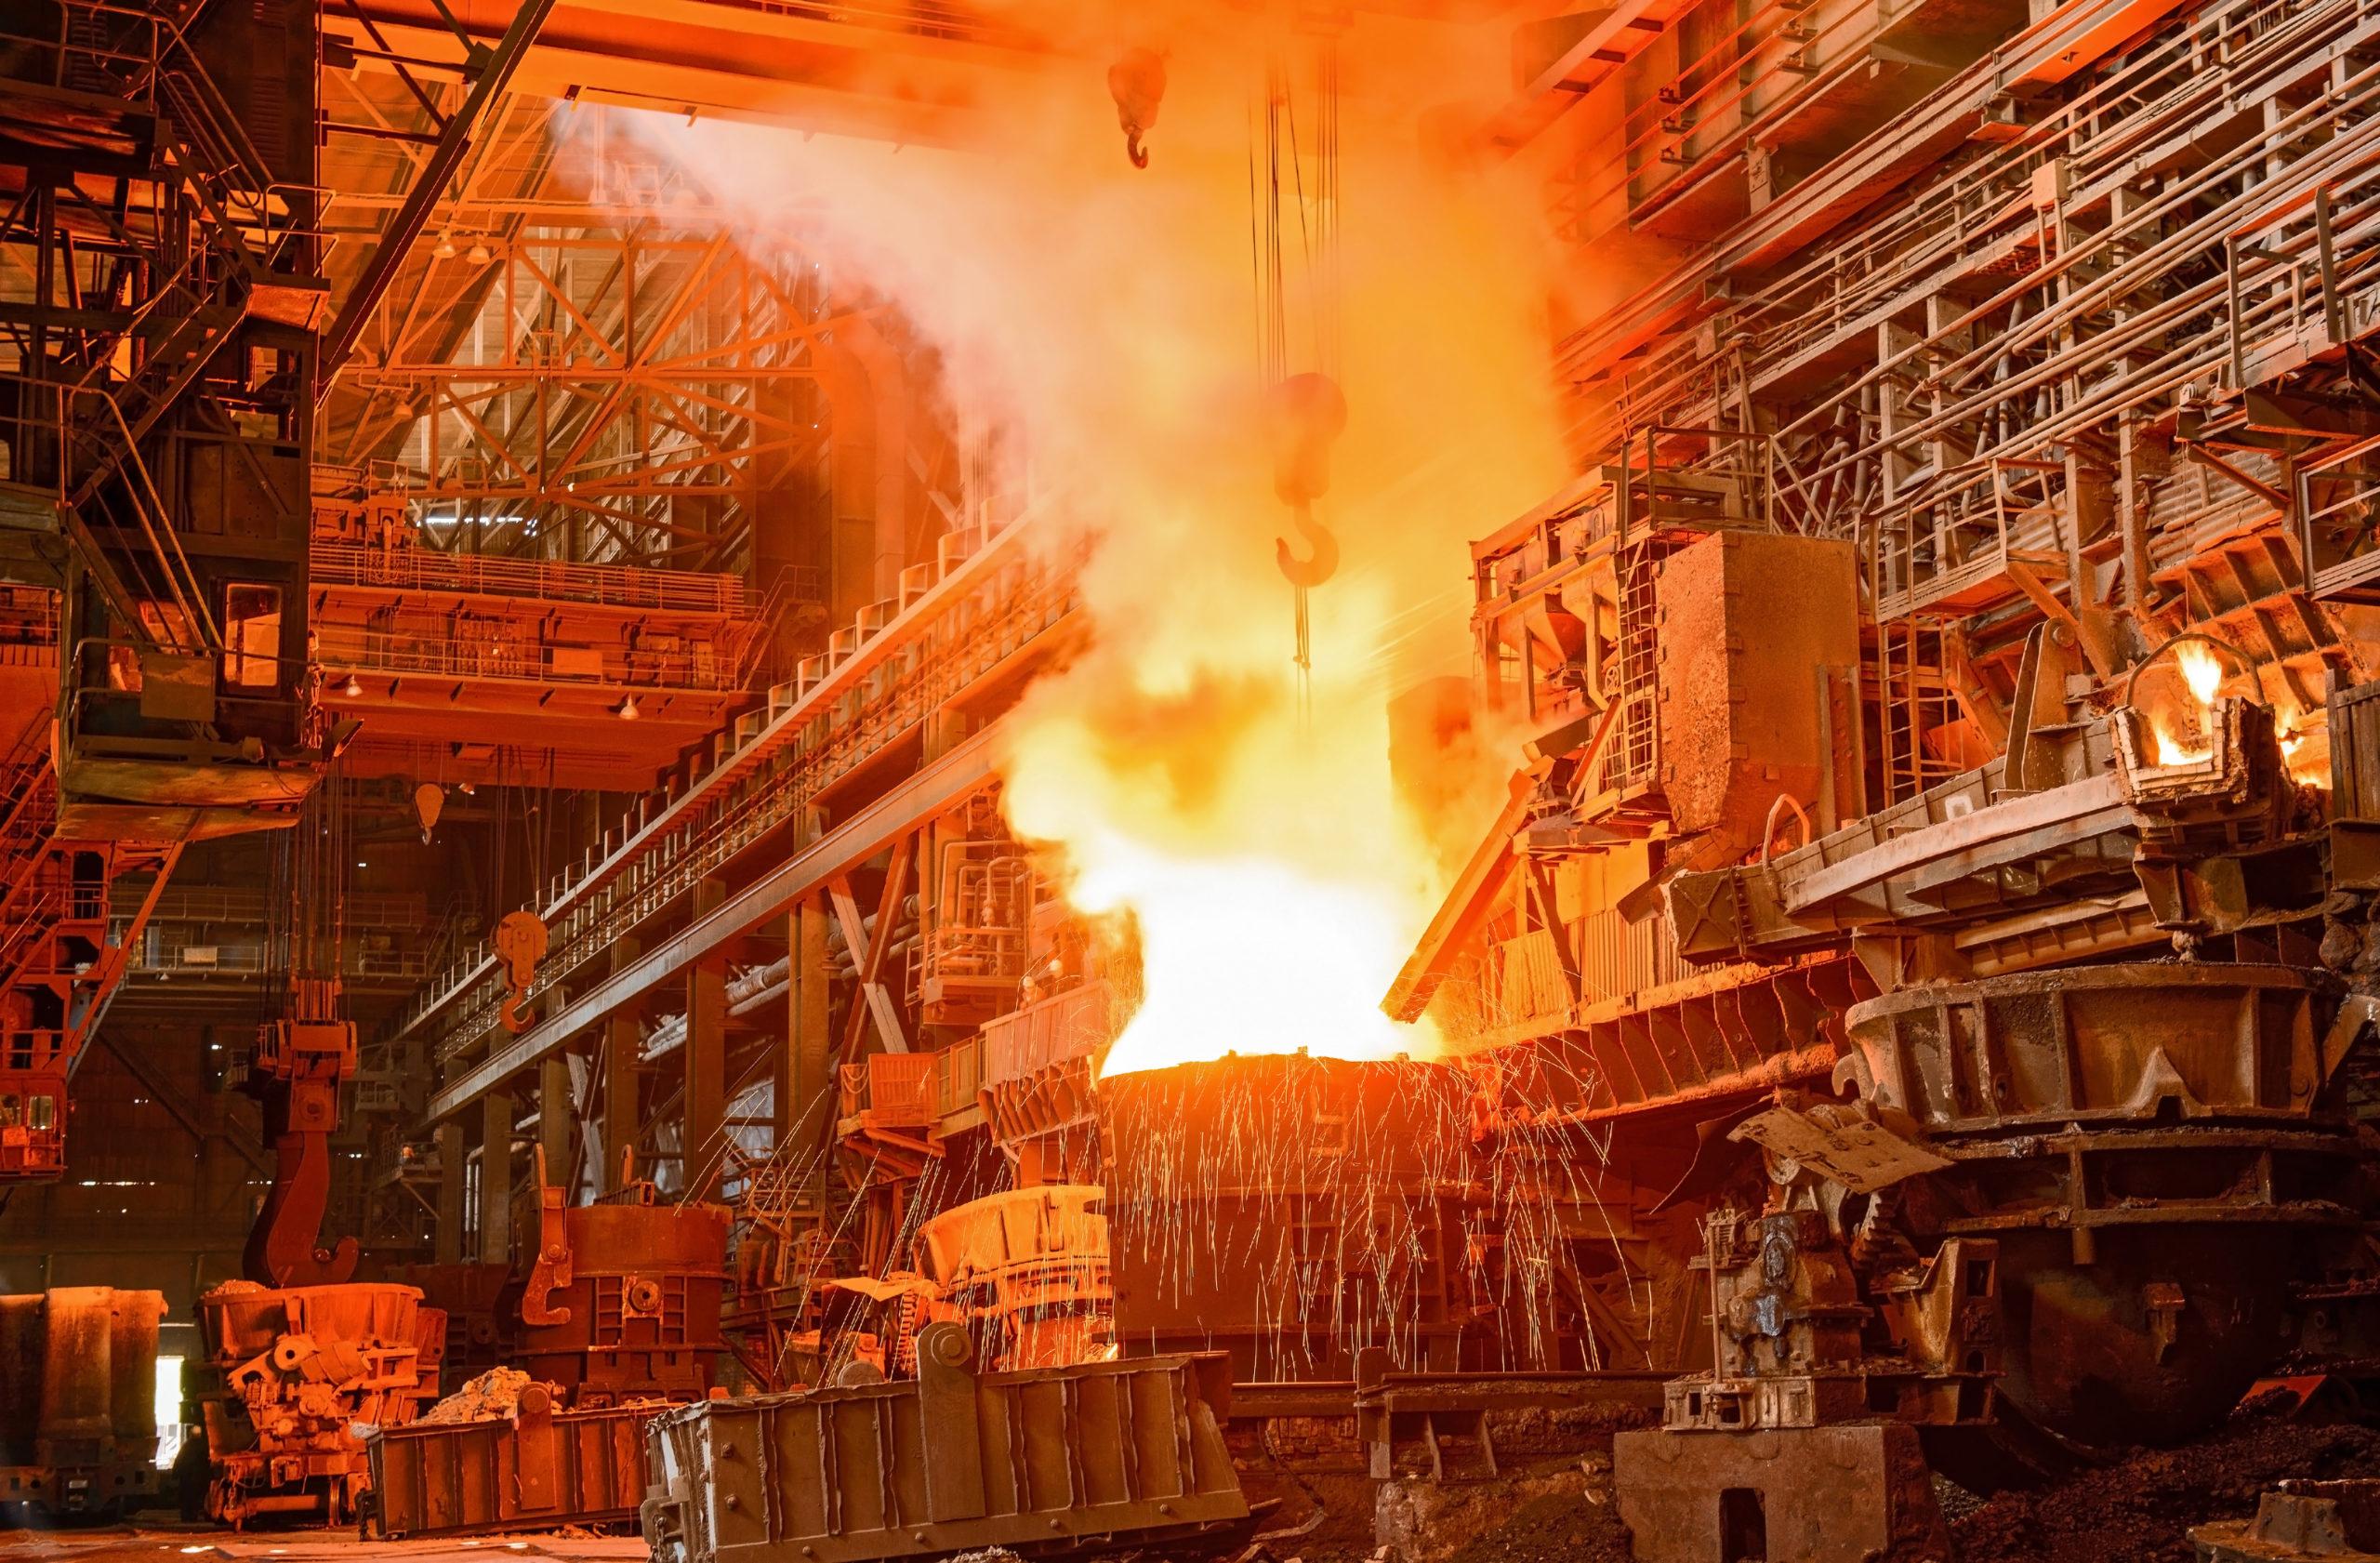 Steel Plant On Fire